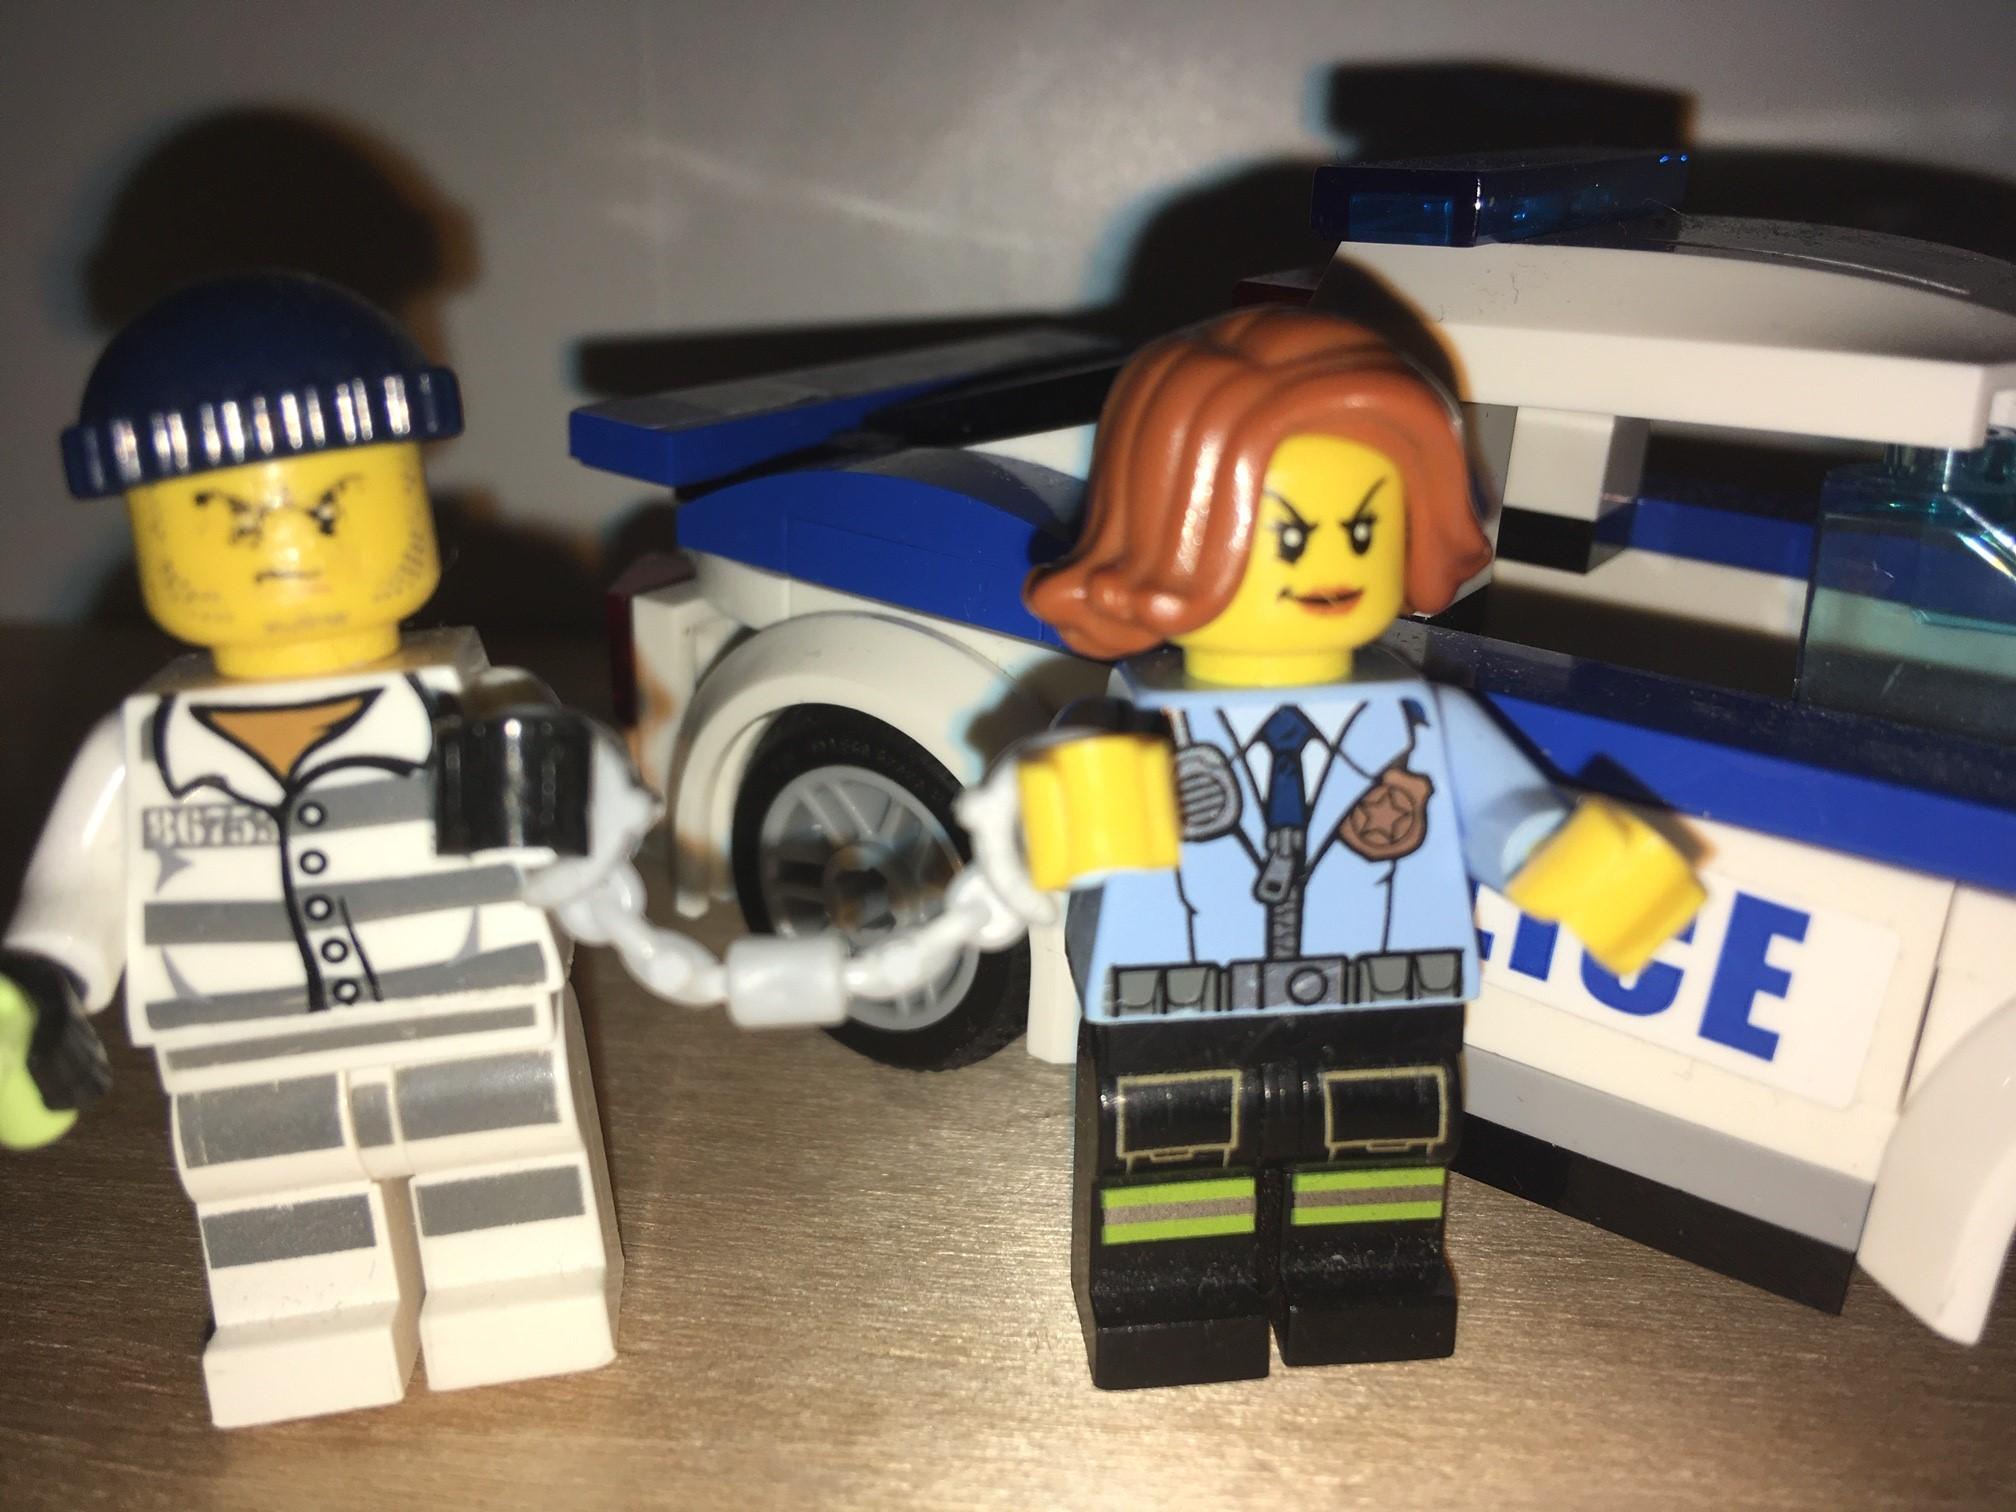 Tjuv, polis och polisbil i lego.